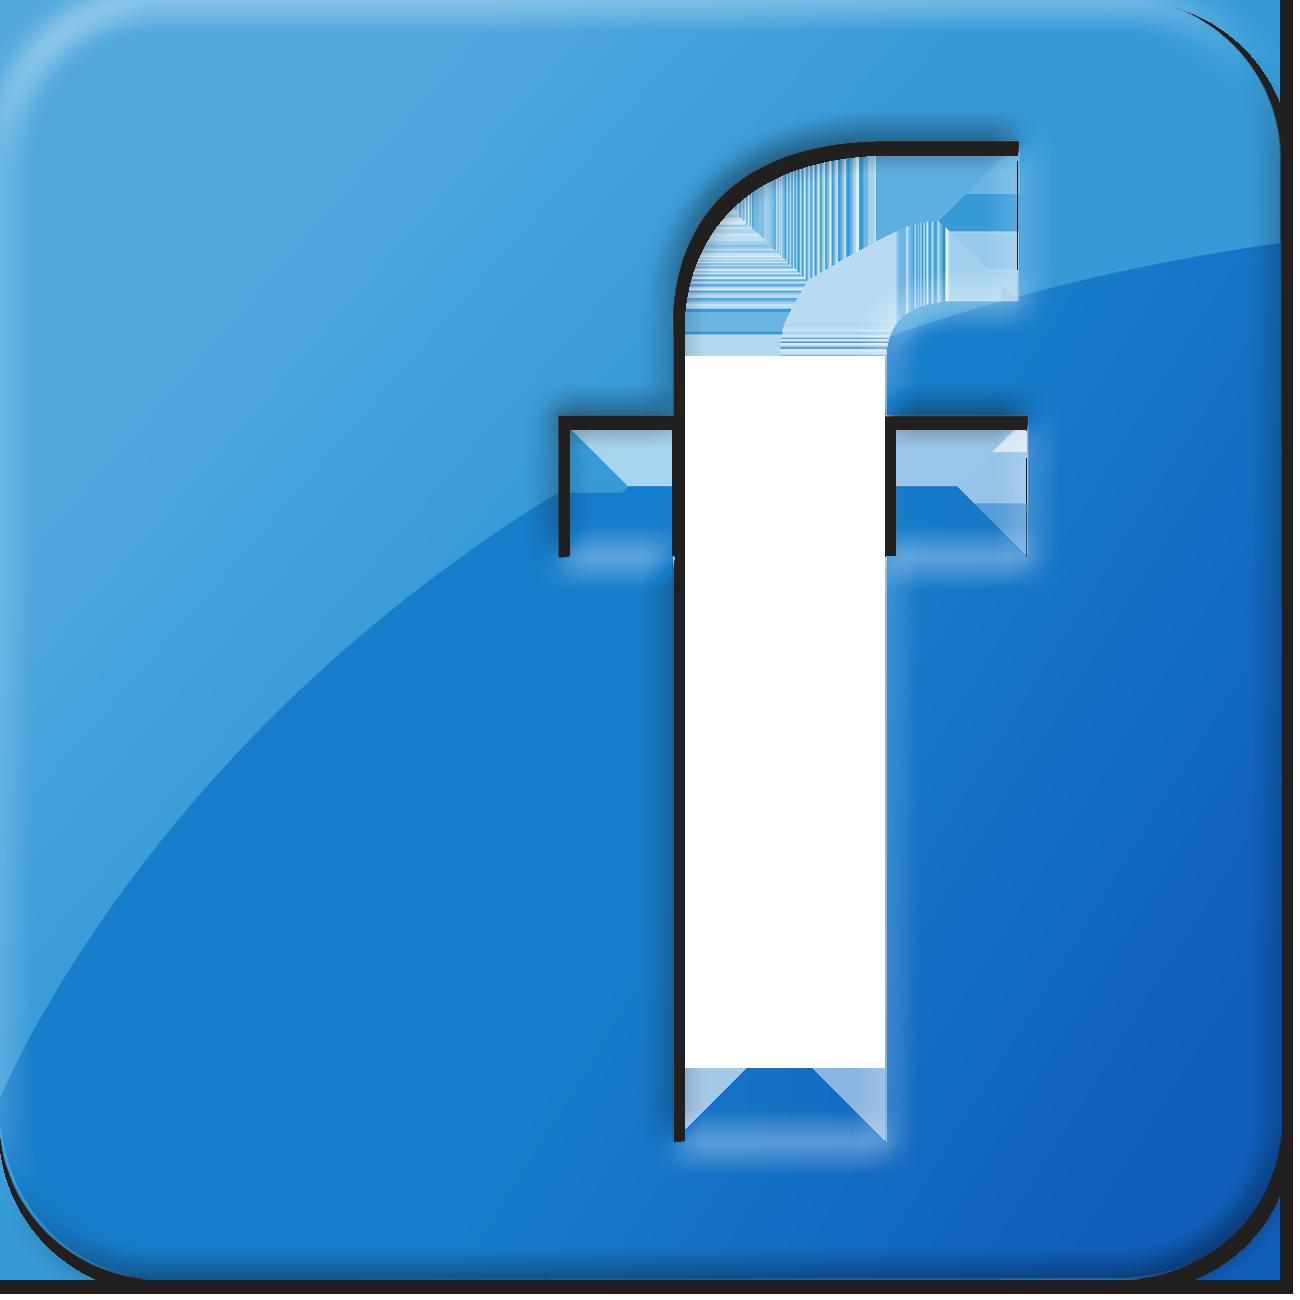 Download Facebook Logo Png 20 9019 Transparentpng